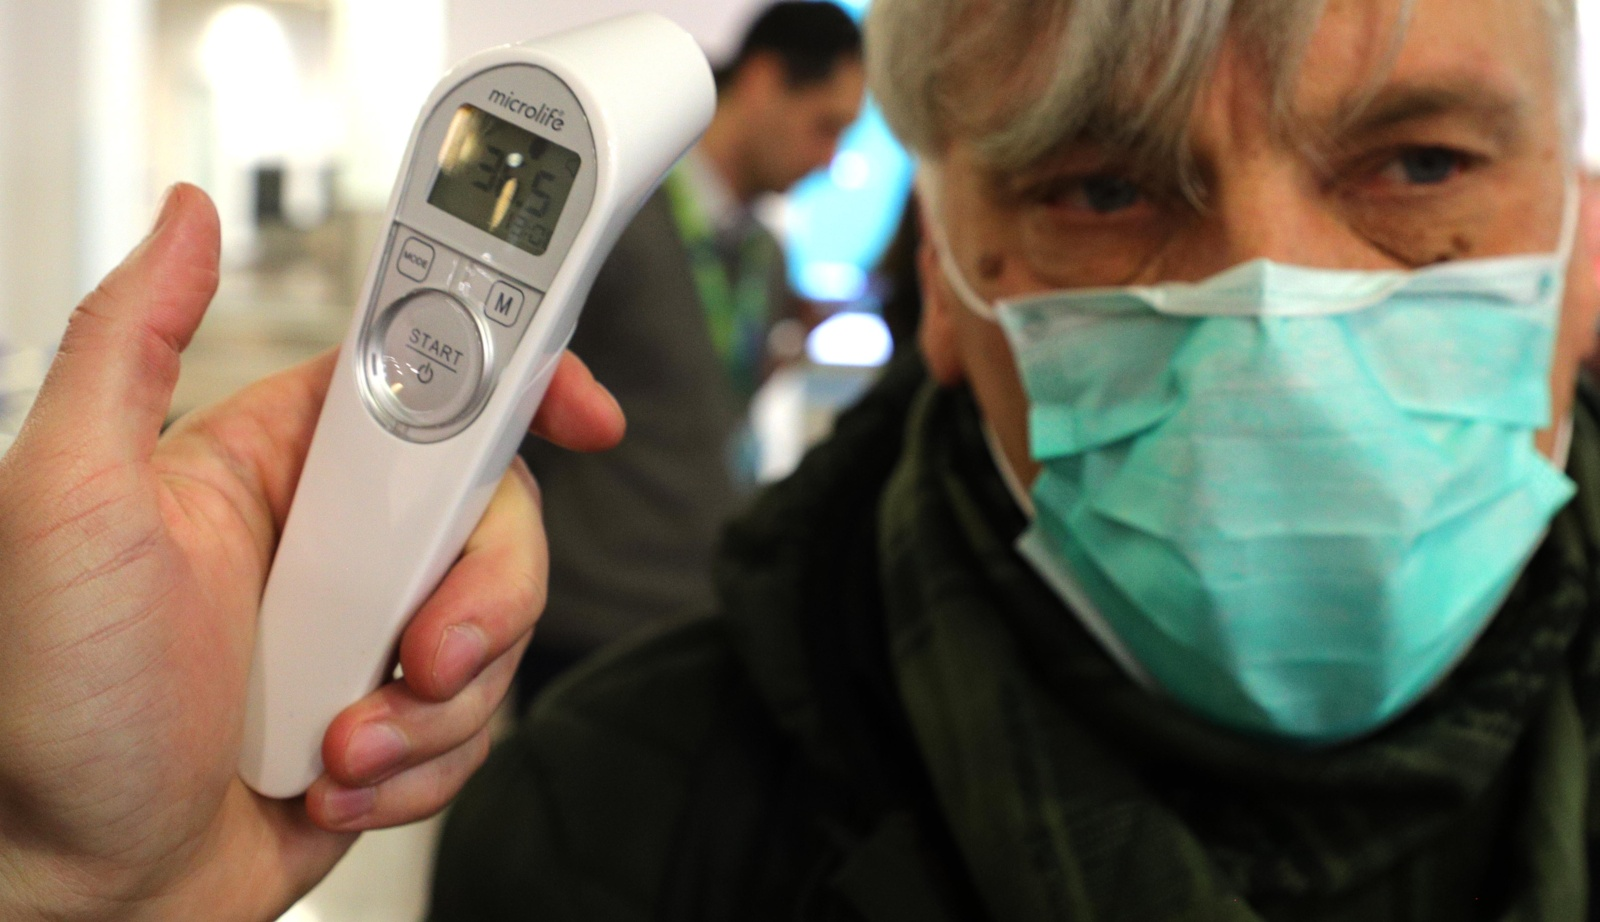 Kinija dezinfekuos pašto siuntas (vaizdo įrašas)